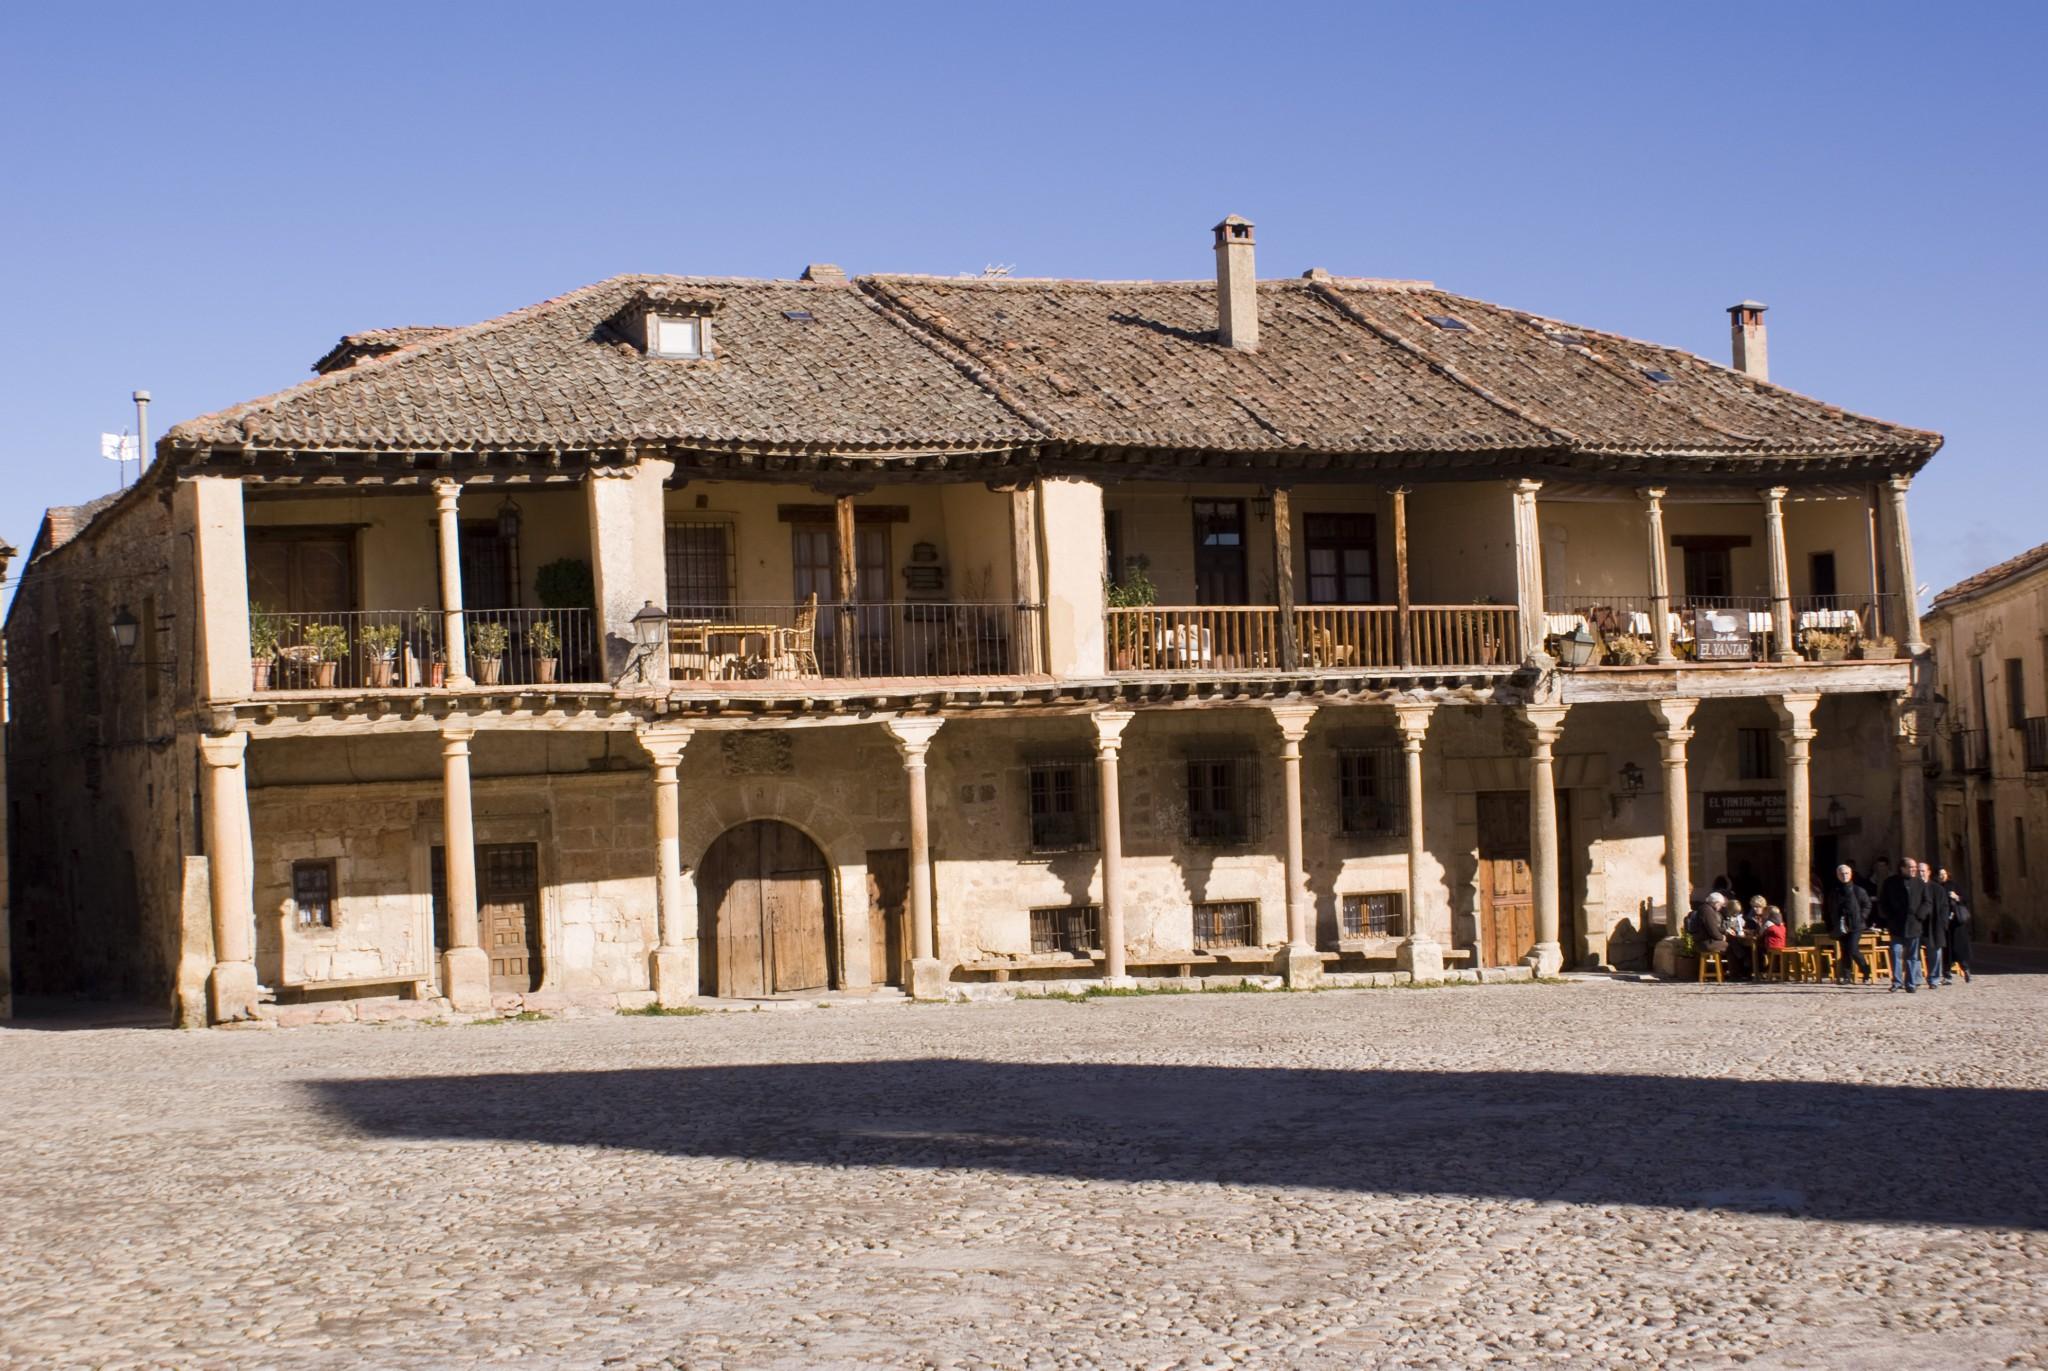 Casa de ancianos en Pedraza. Segovia